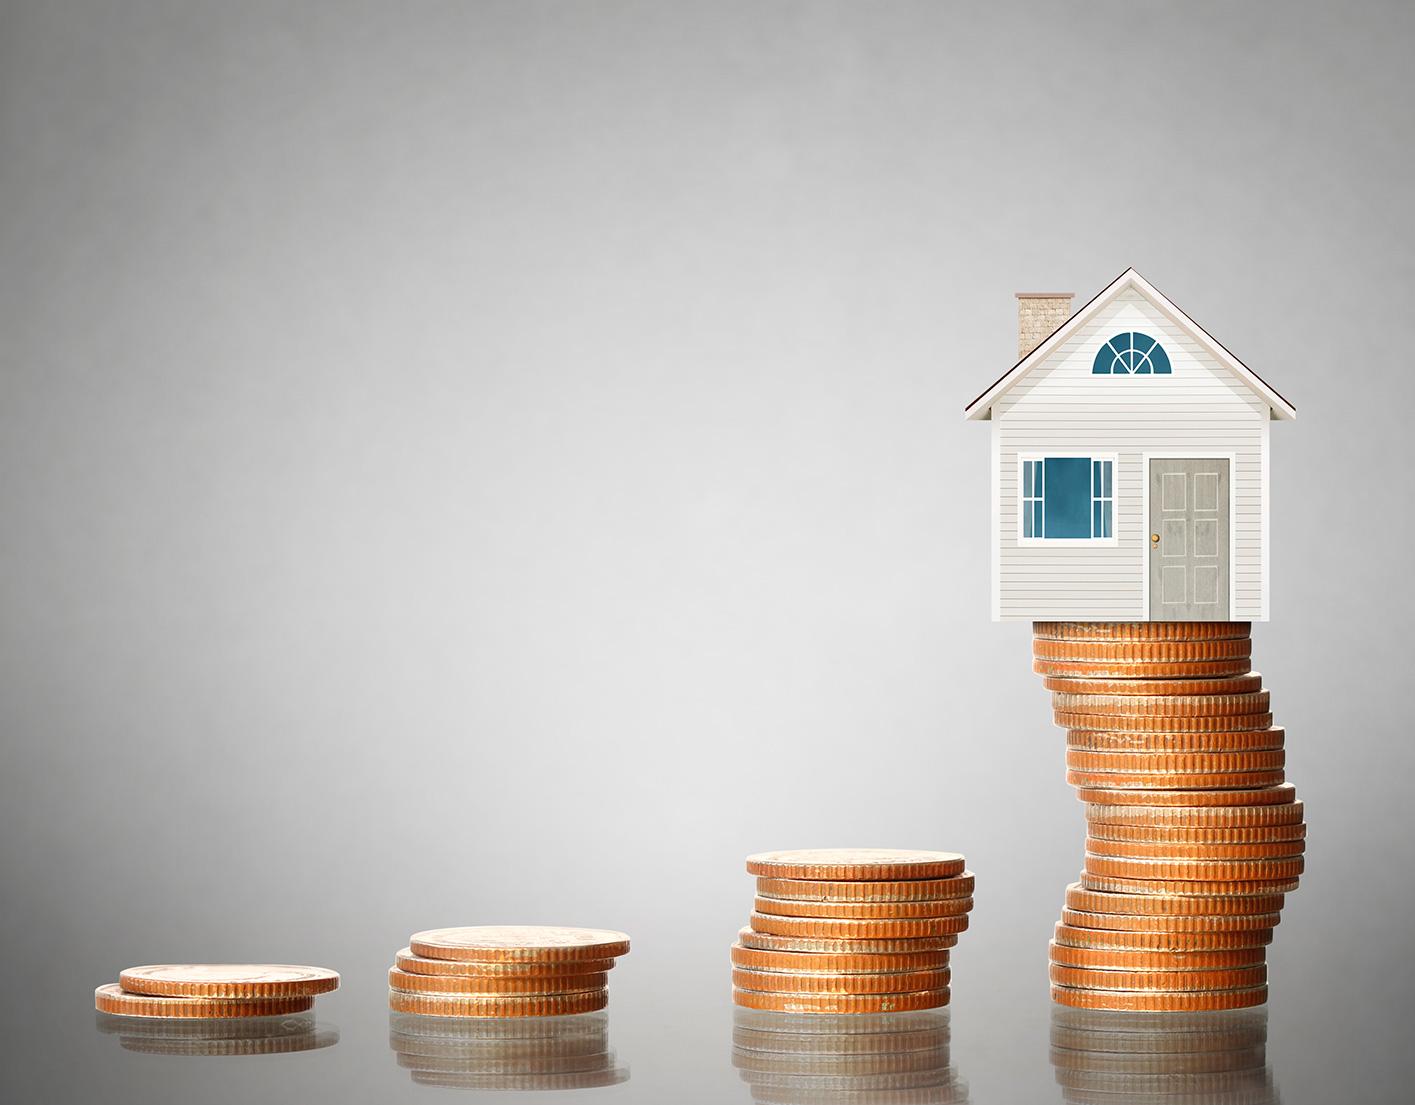 Hipoteques Multidivisa: Què són i com reclamar-les